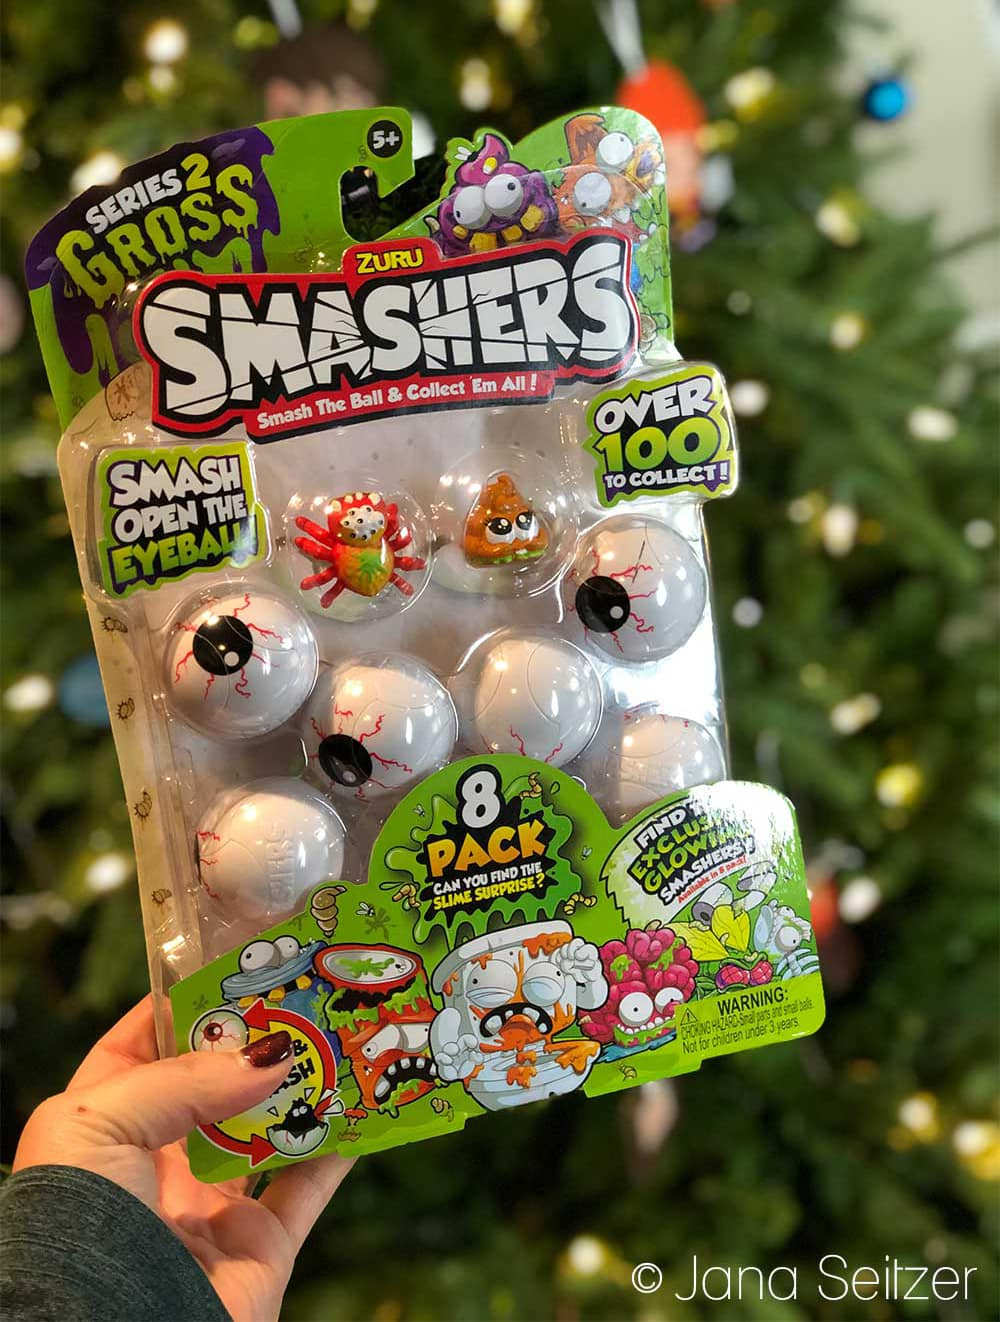 ZURU Smashers Series 2 Gross